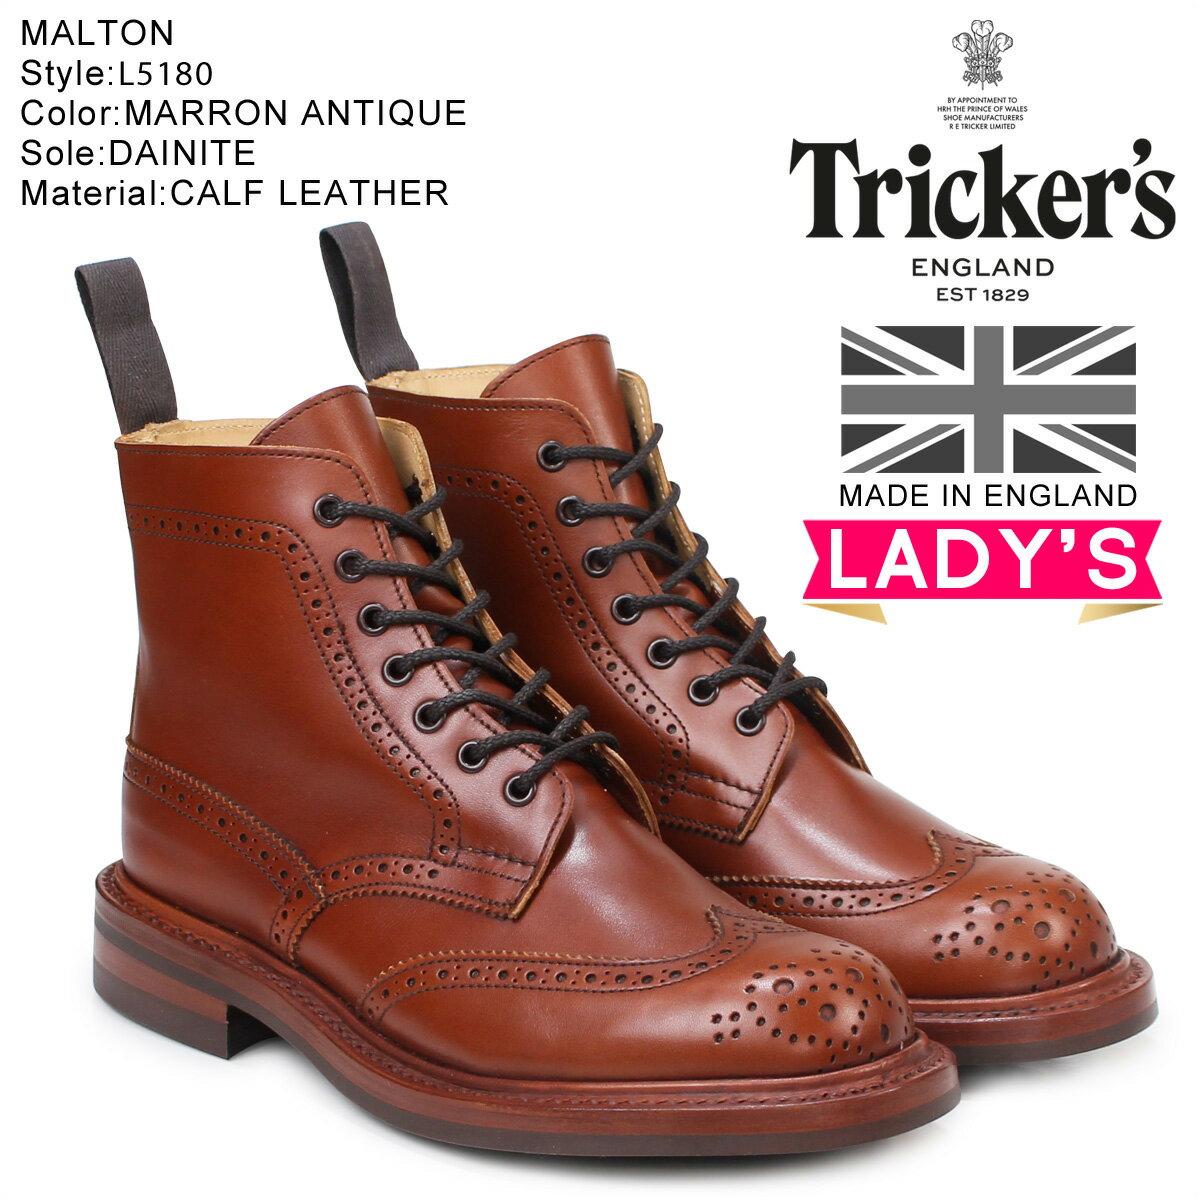 【最大2000円OFFクーポン】 トリッカーズ Tricker's レディース カントリーブーツ MALTON L5180 4ワイズ